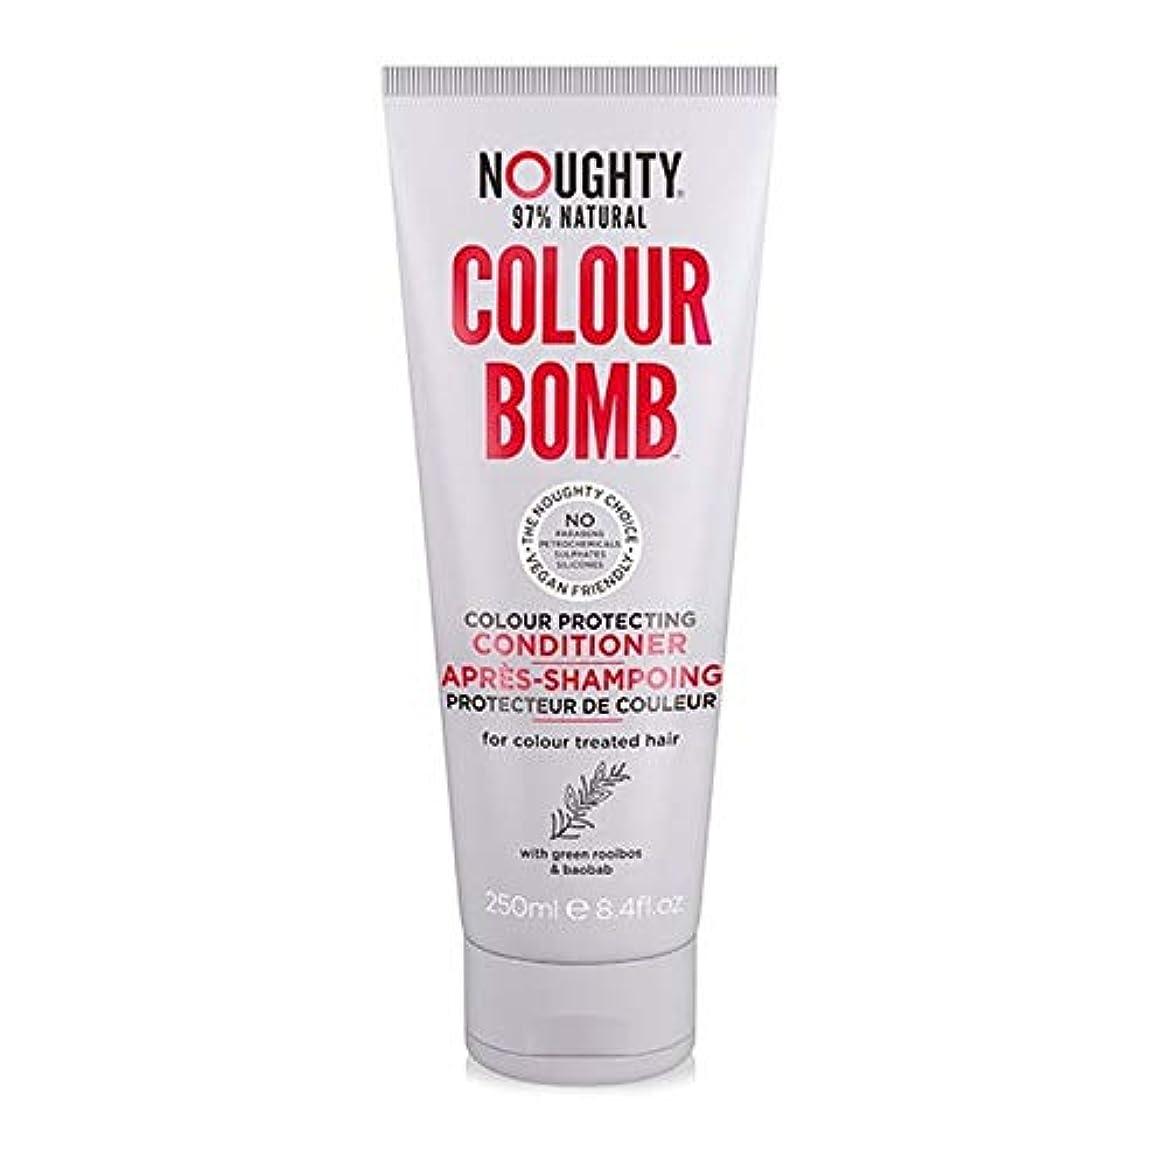 生きるレオナルドダチロ[Noughty] コンディショナー250Mlを保護Noughtyカラー爆弾の色 - Noughty Colour Bomb Colour Protecting Conditioner 250ml [並行輸入品]